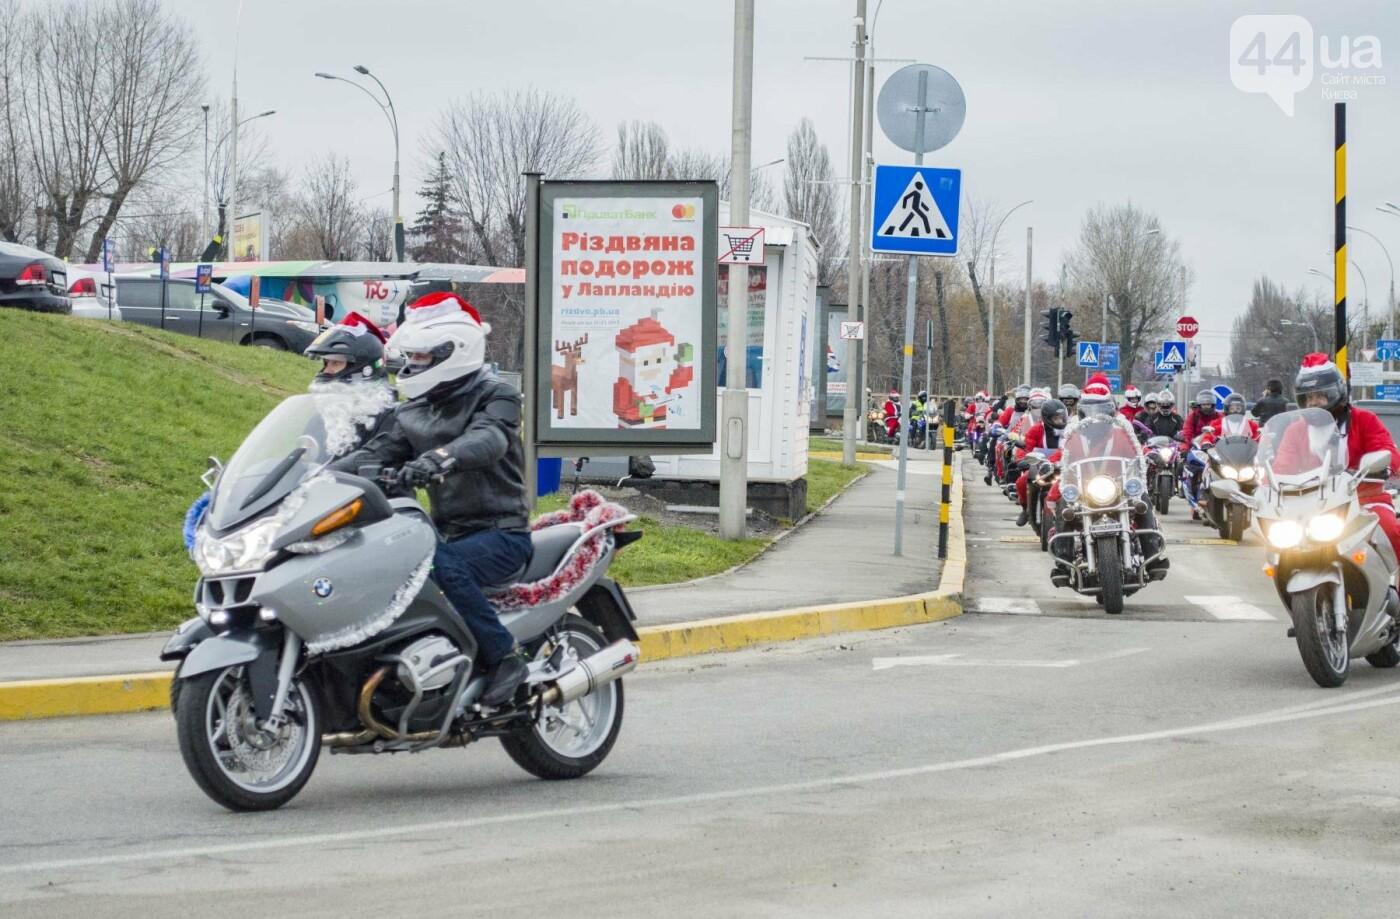 В Киеве брутальные байкеры в костюмах Санта-Клаусов устроили масштабный мотопробег (ФОТО), фото-1